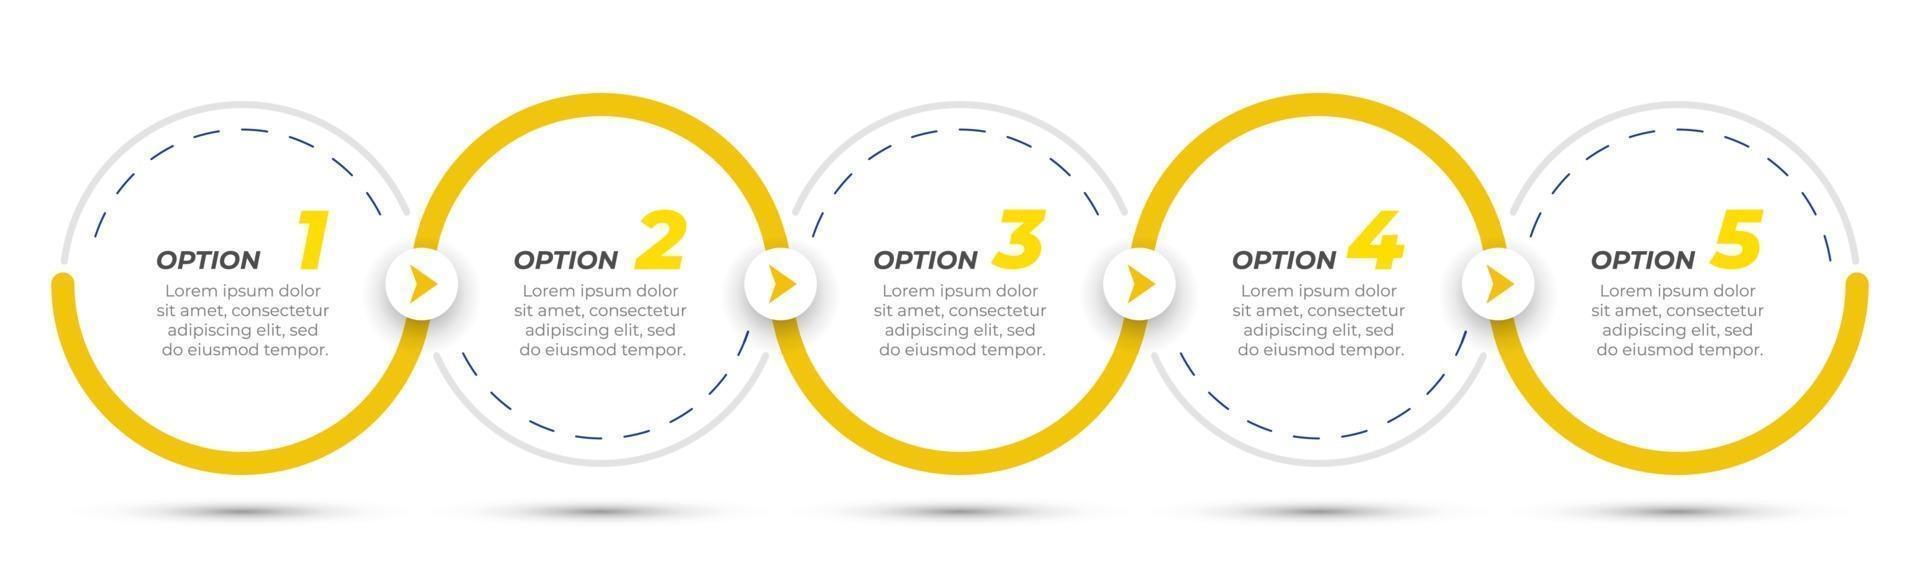 etichetta di progettazione infografica timeline con cerchi e frecce. concetto di affari con 5 opzioni o passaggi. può essere utilizzato per diagramma del flusso di lavoro, presentazioni, grafico informativo. vettore